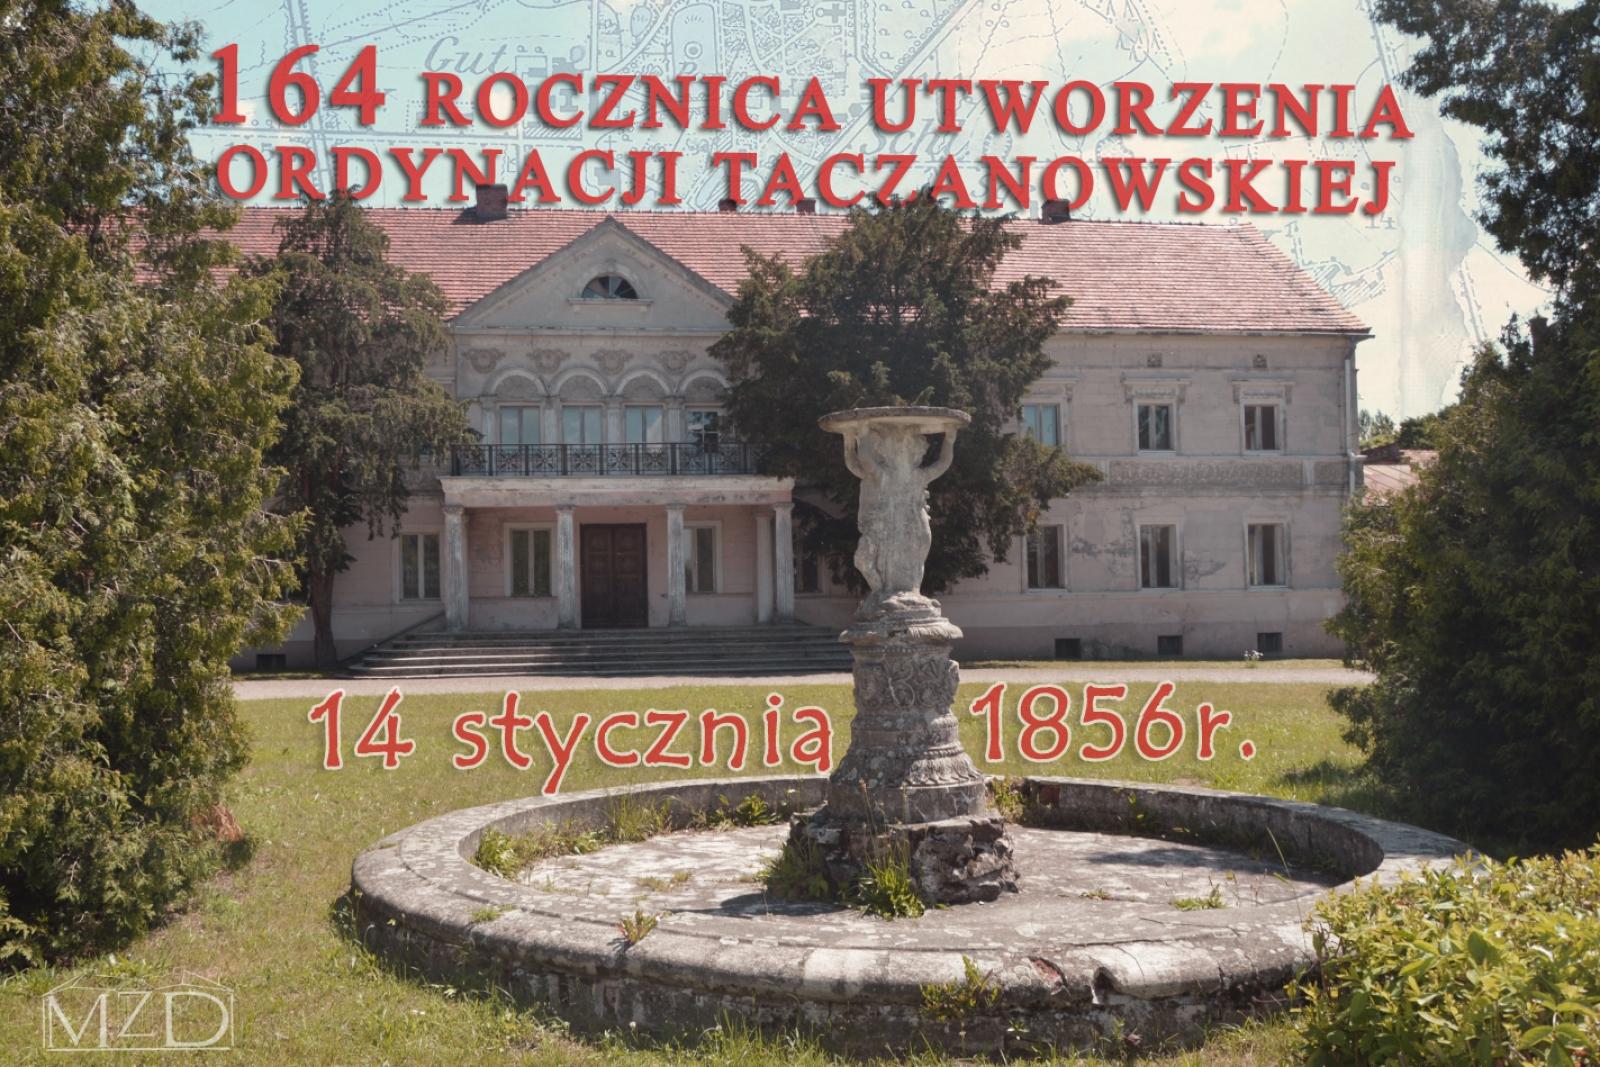 14 STYCZNIA 1856 R. - UTWORZENIE ORDYNACJI TACZANOWSKIEJ